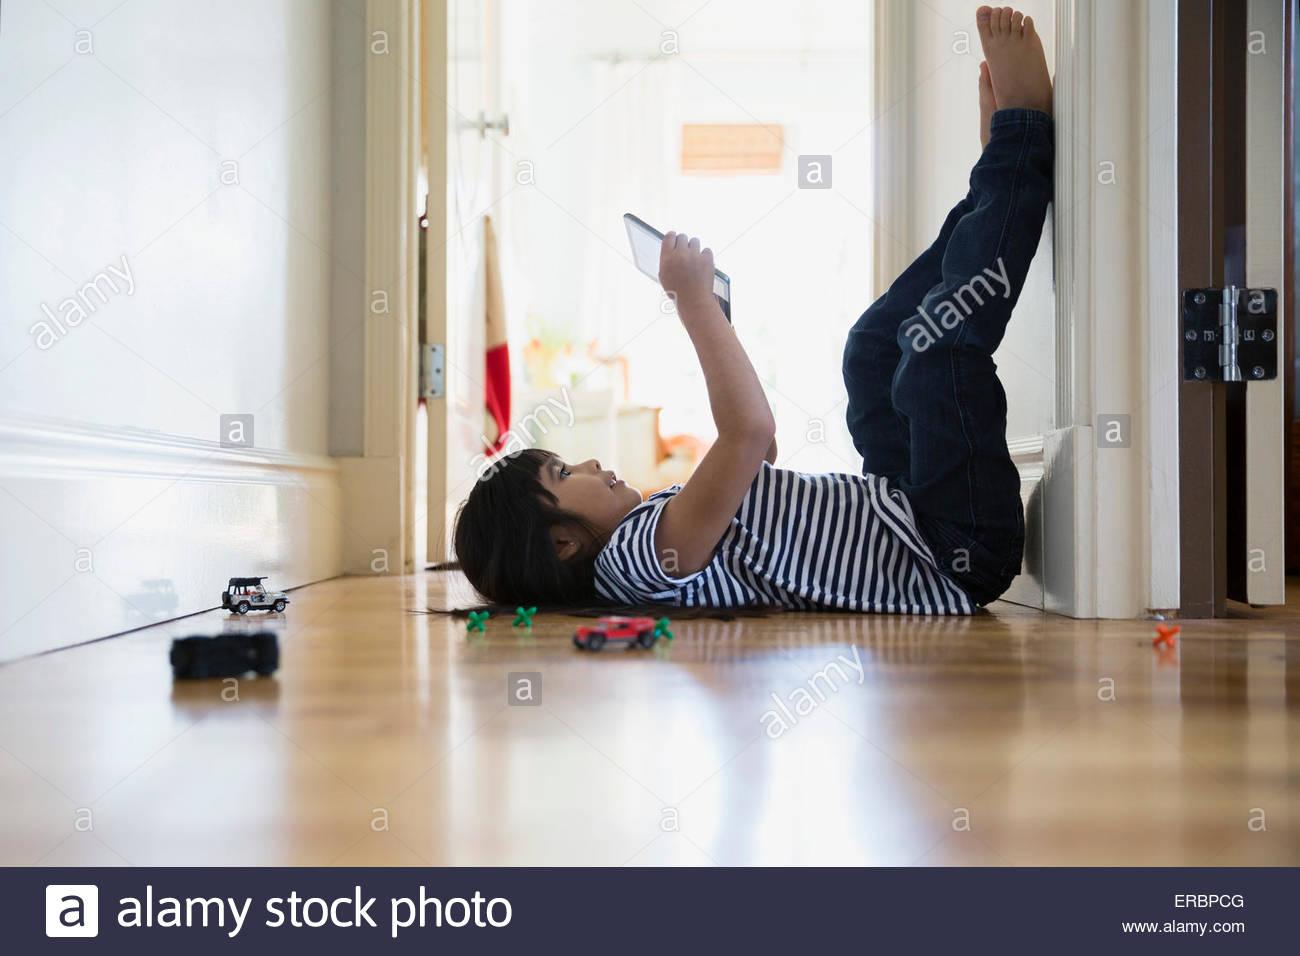 Bruna ragazza utilizzando tavoletta digitale delle gambe fino a parete Immagini Stock